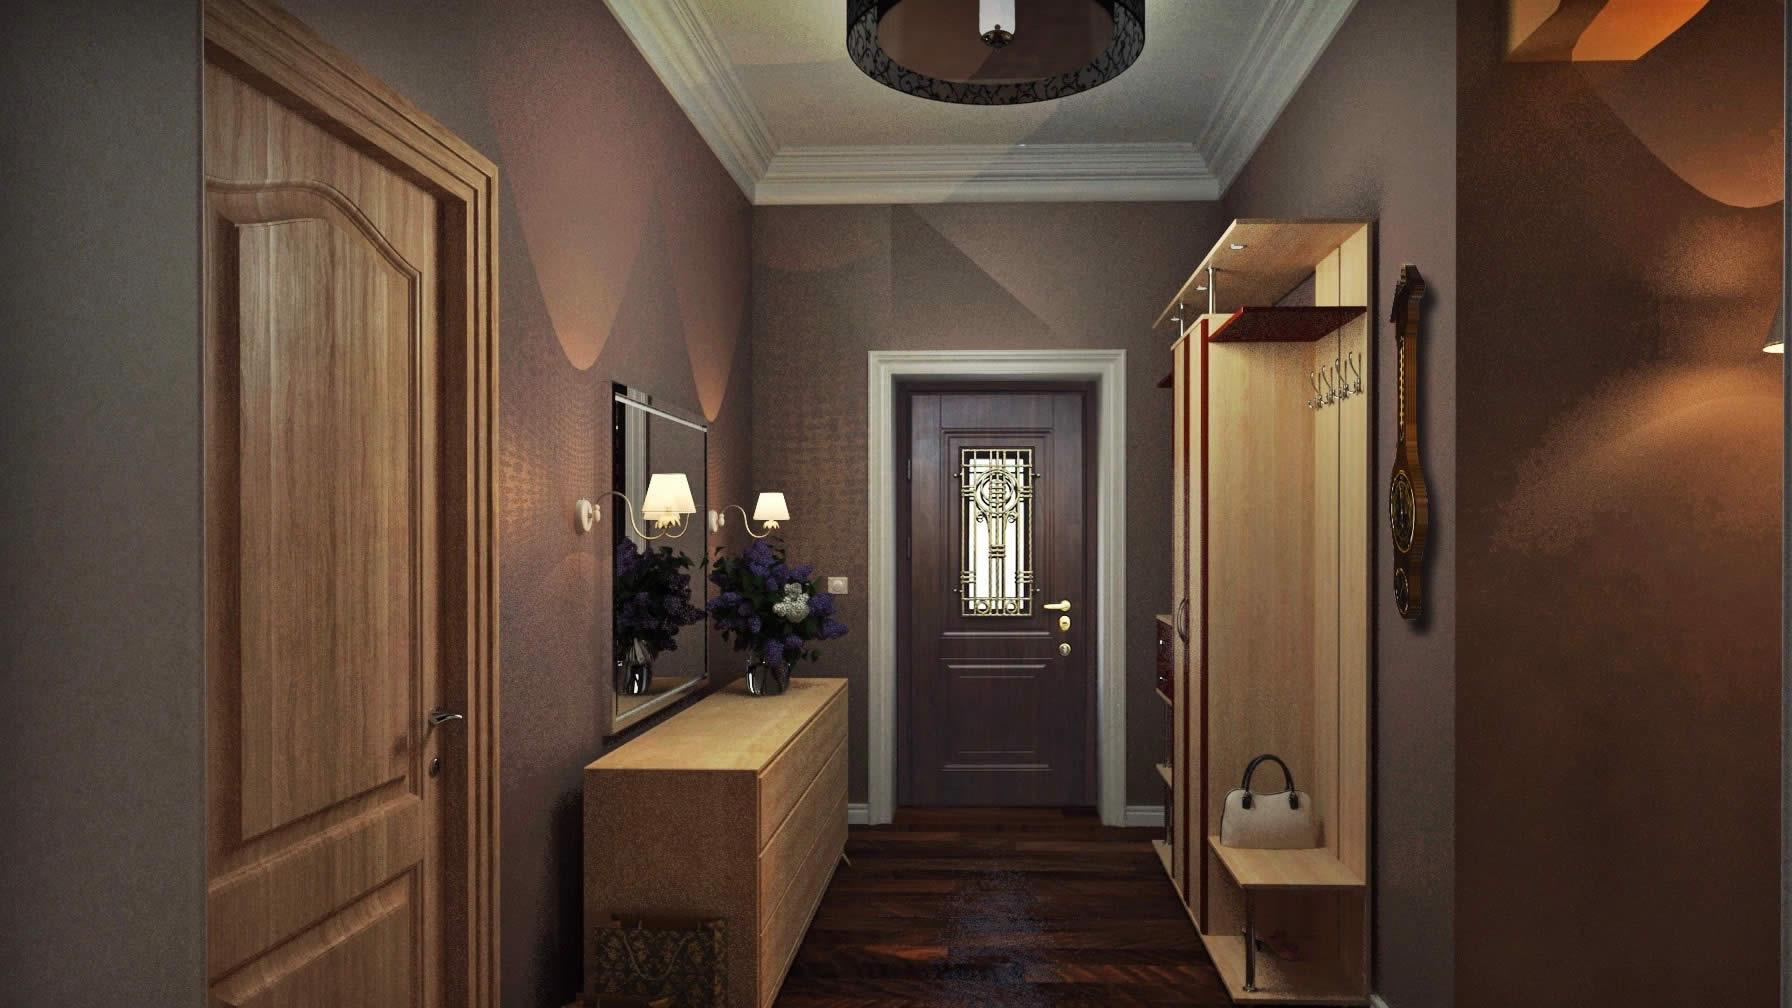 гостевом обои для оформление коридора в квартире фото вверх руслу, почти